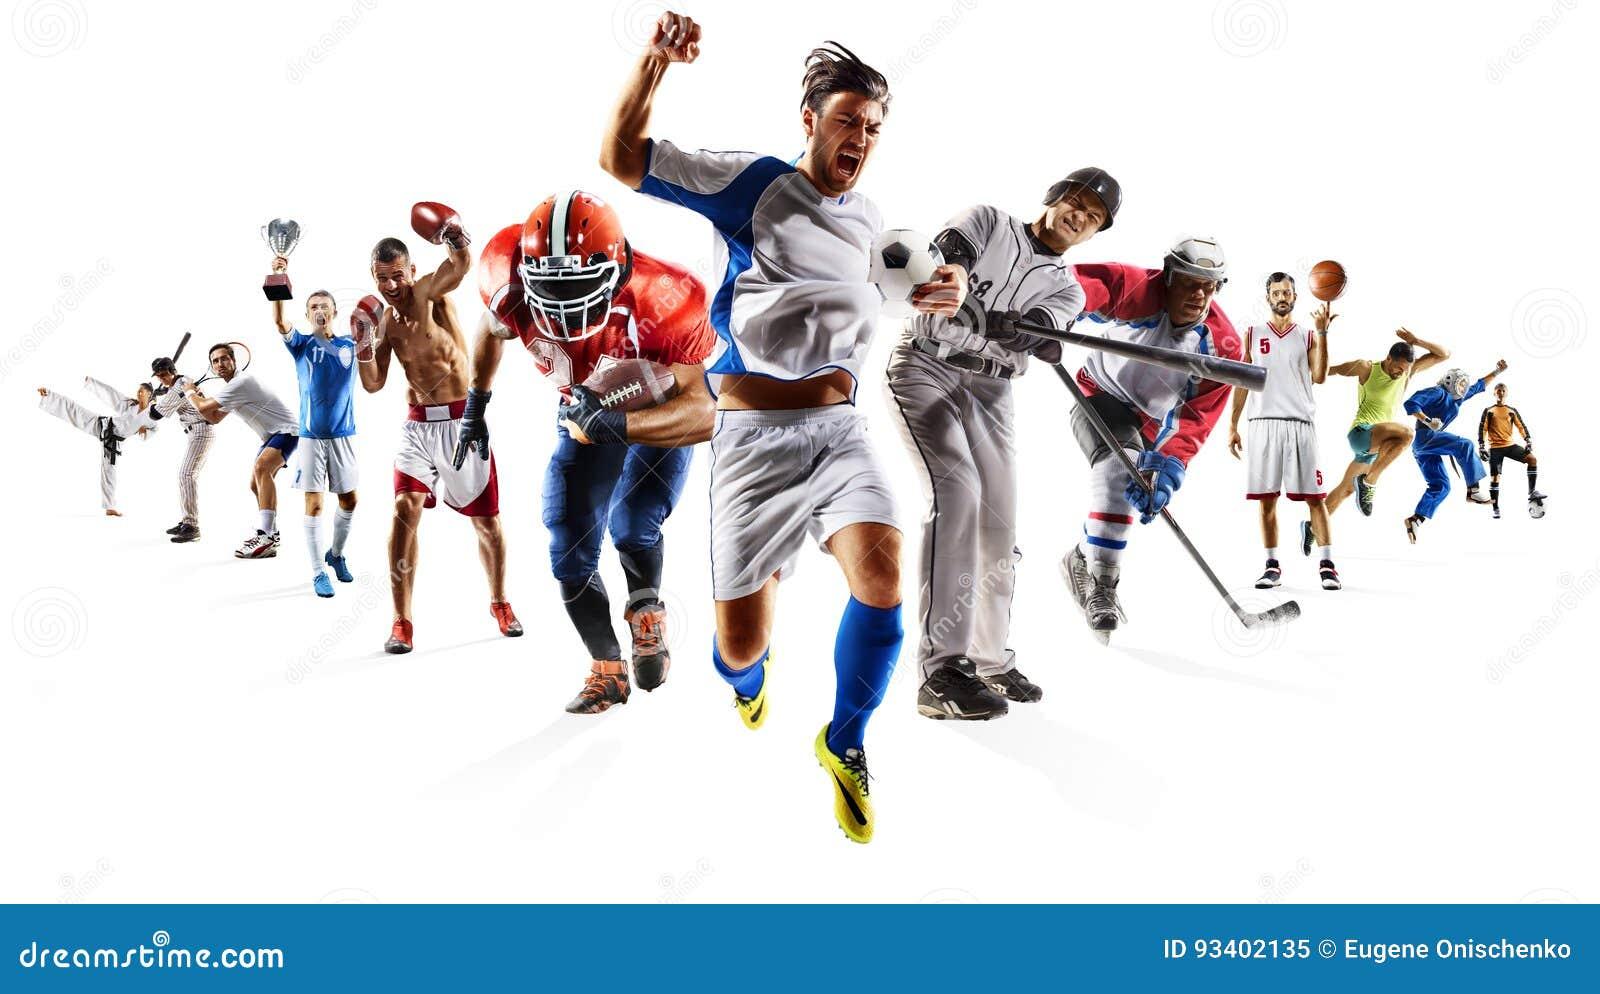 Ogromnej wielo- sporta kolażu piłki nożnej koszykówki futbolowy hokejowy baseball boksuje etc